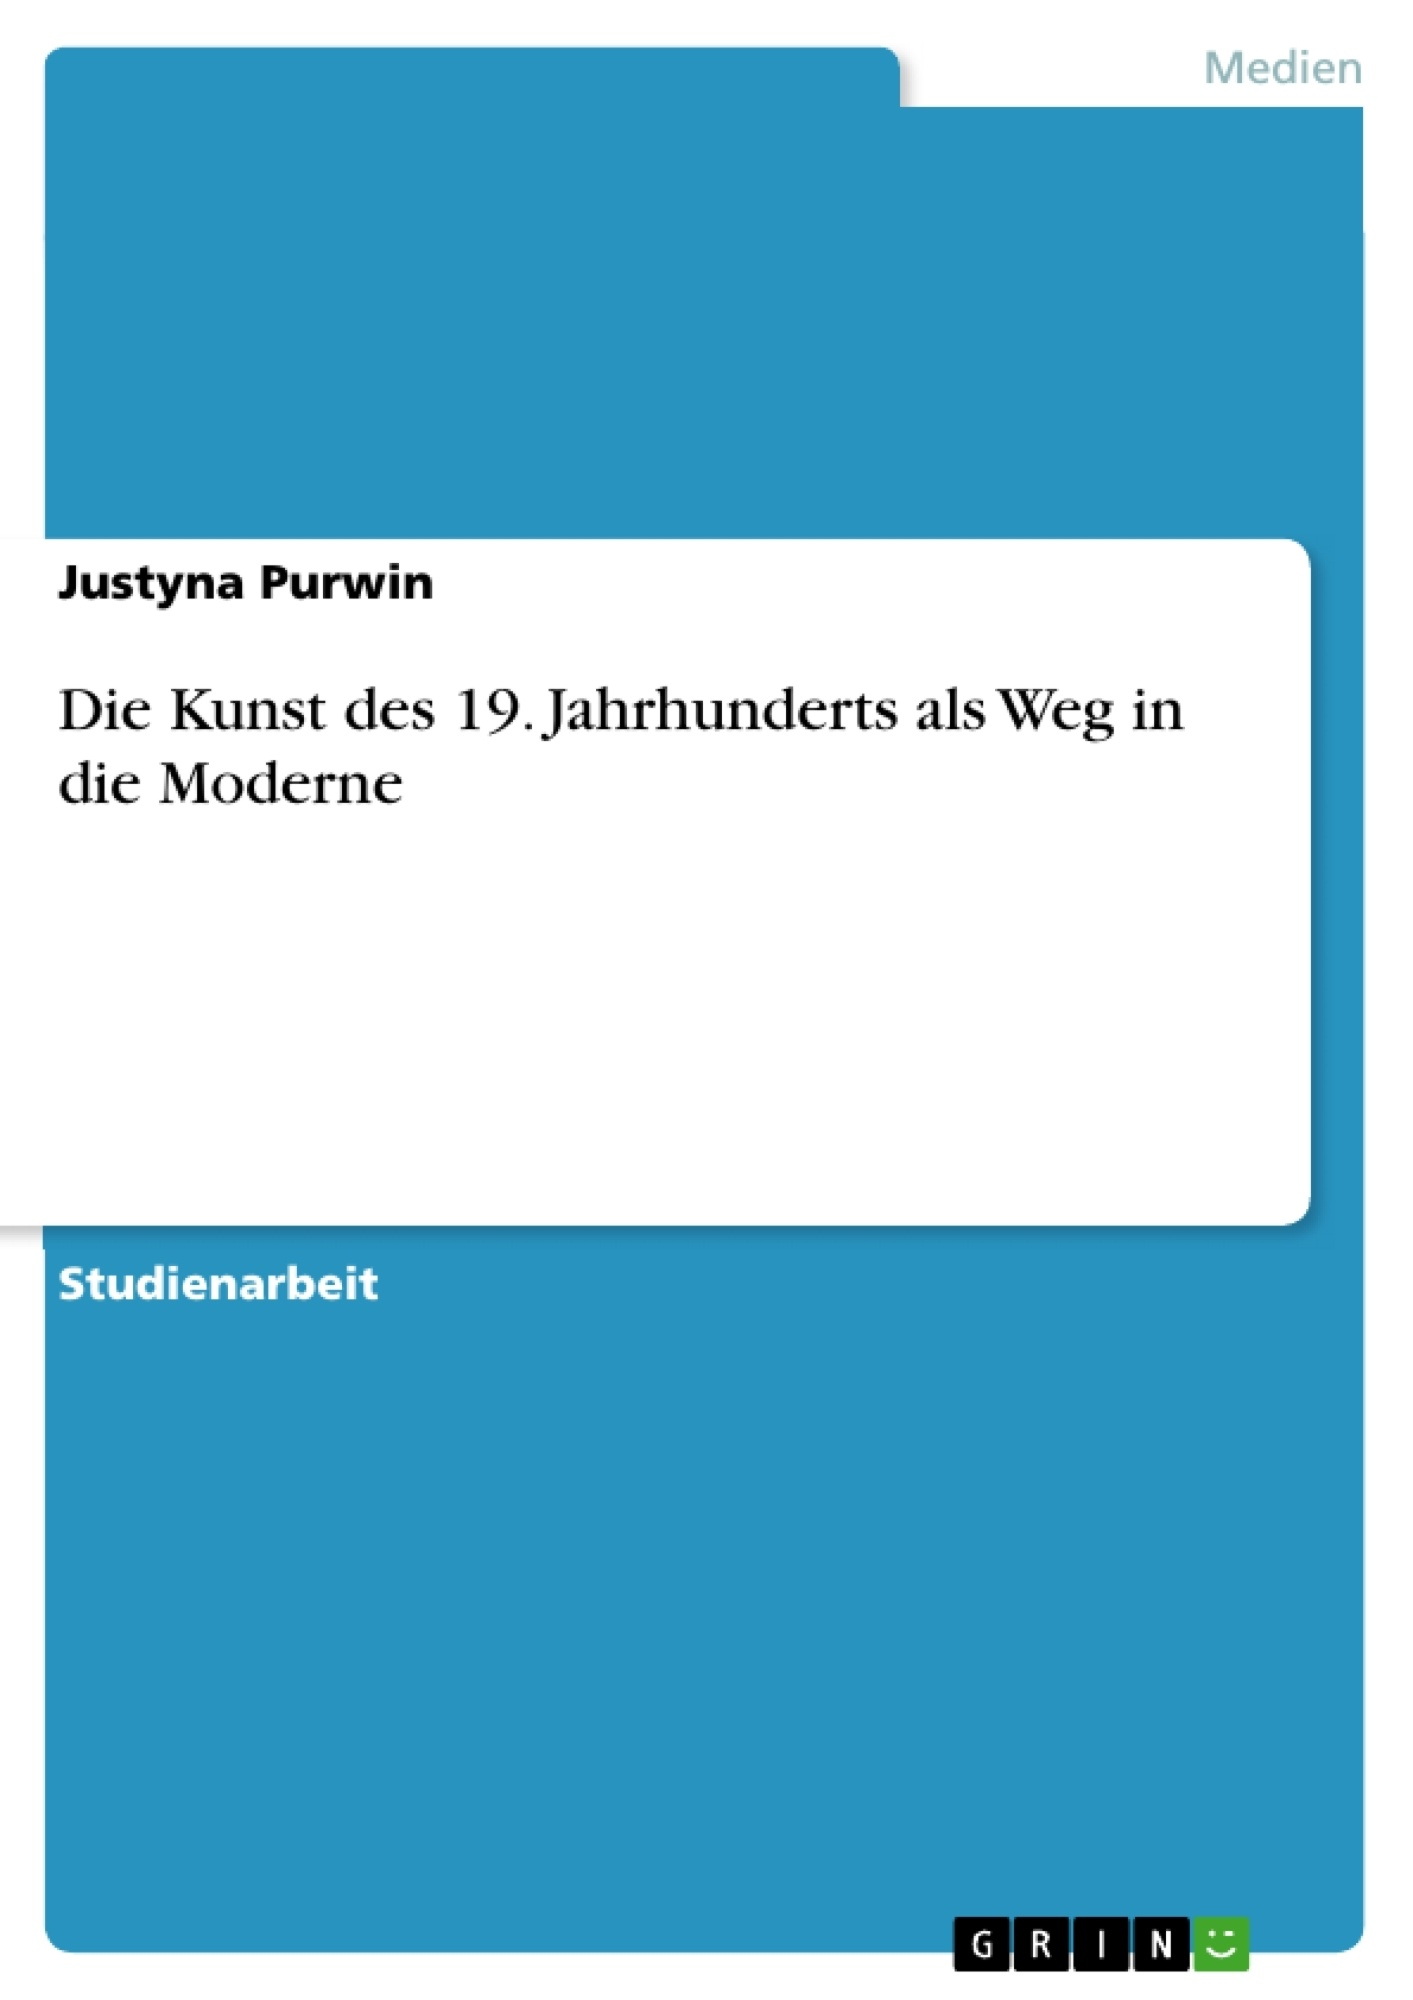 Titel: Die Kunst des 19. Jahrhunderts als Weg in die Moderne